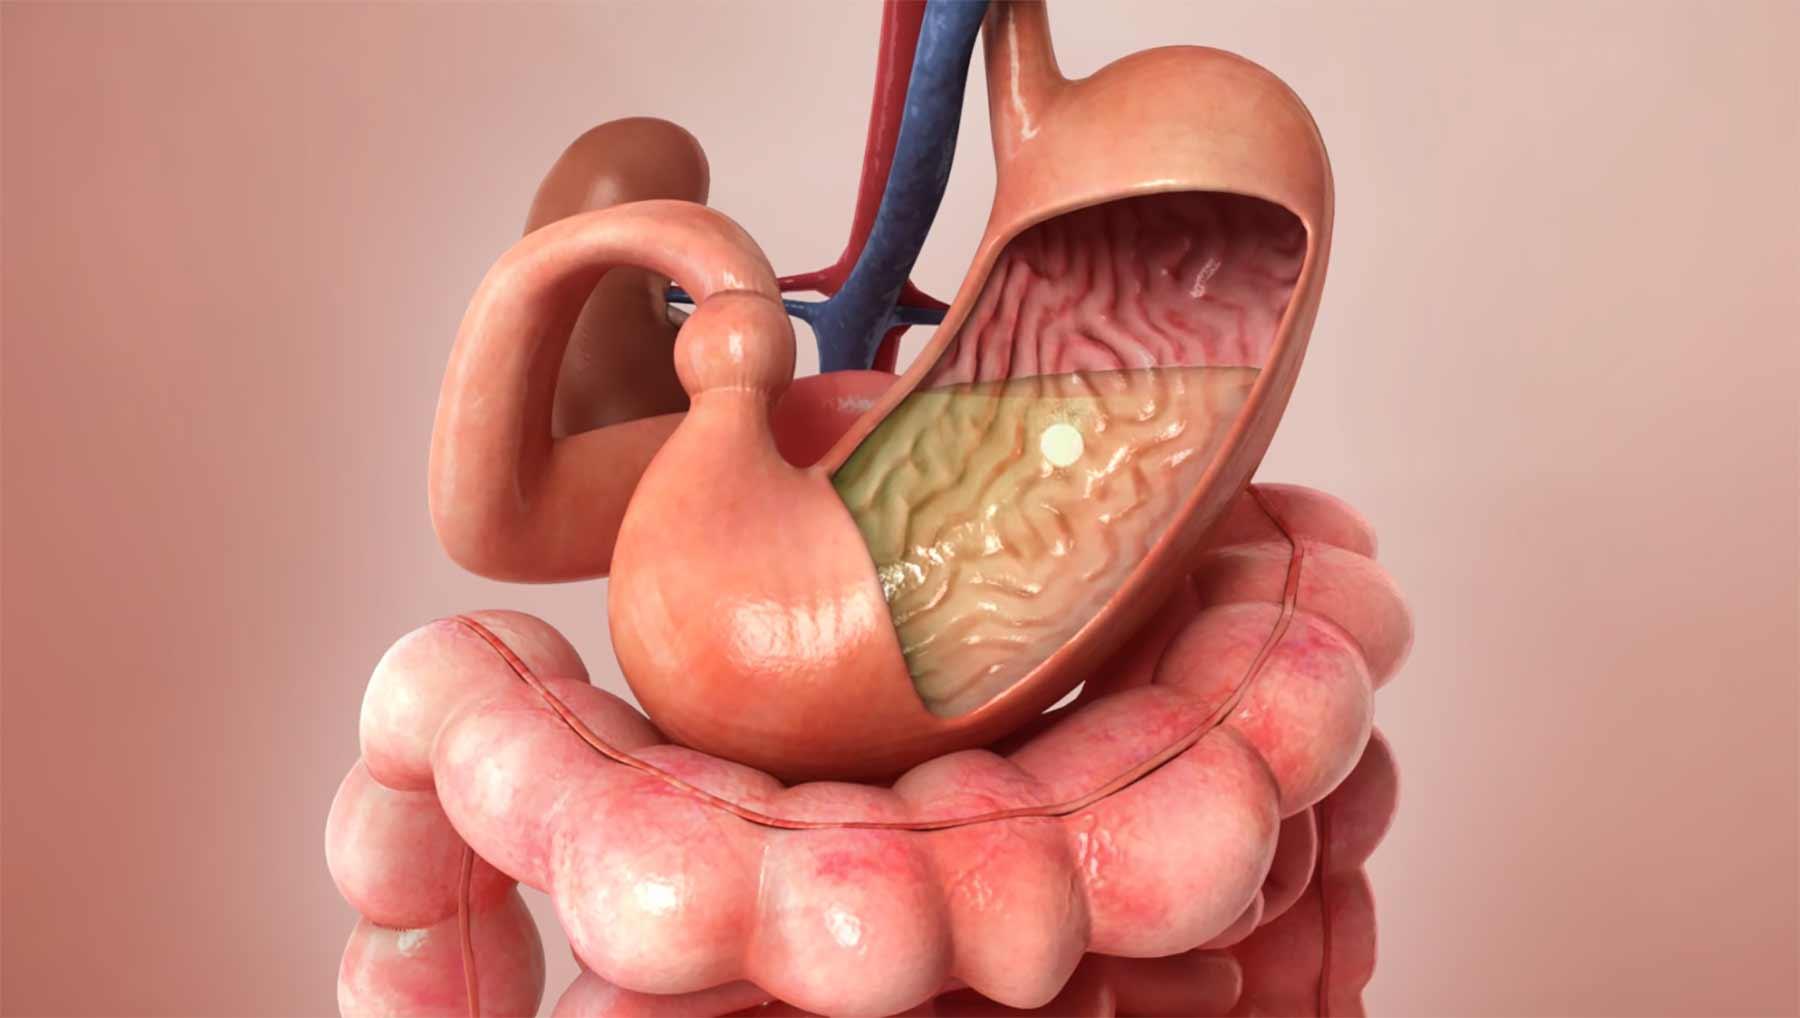 Die Reise einer Aspirin-Tablette durch den menschlichen Körper